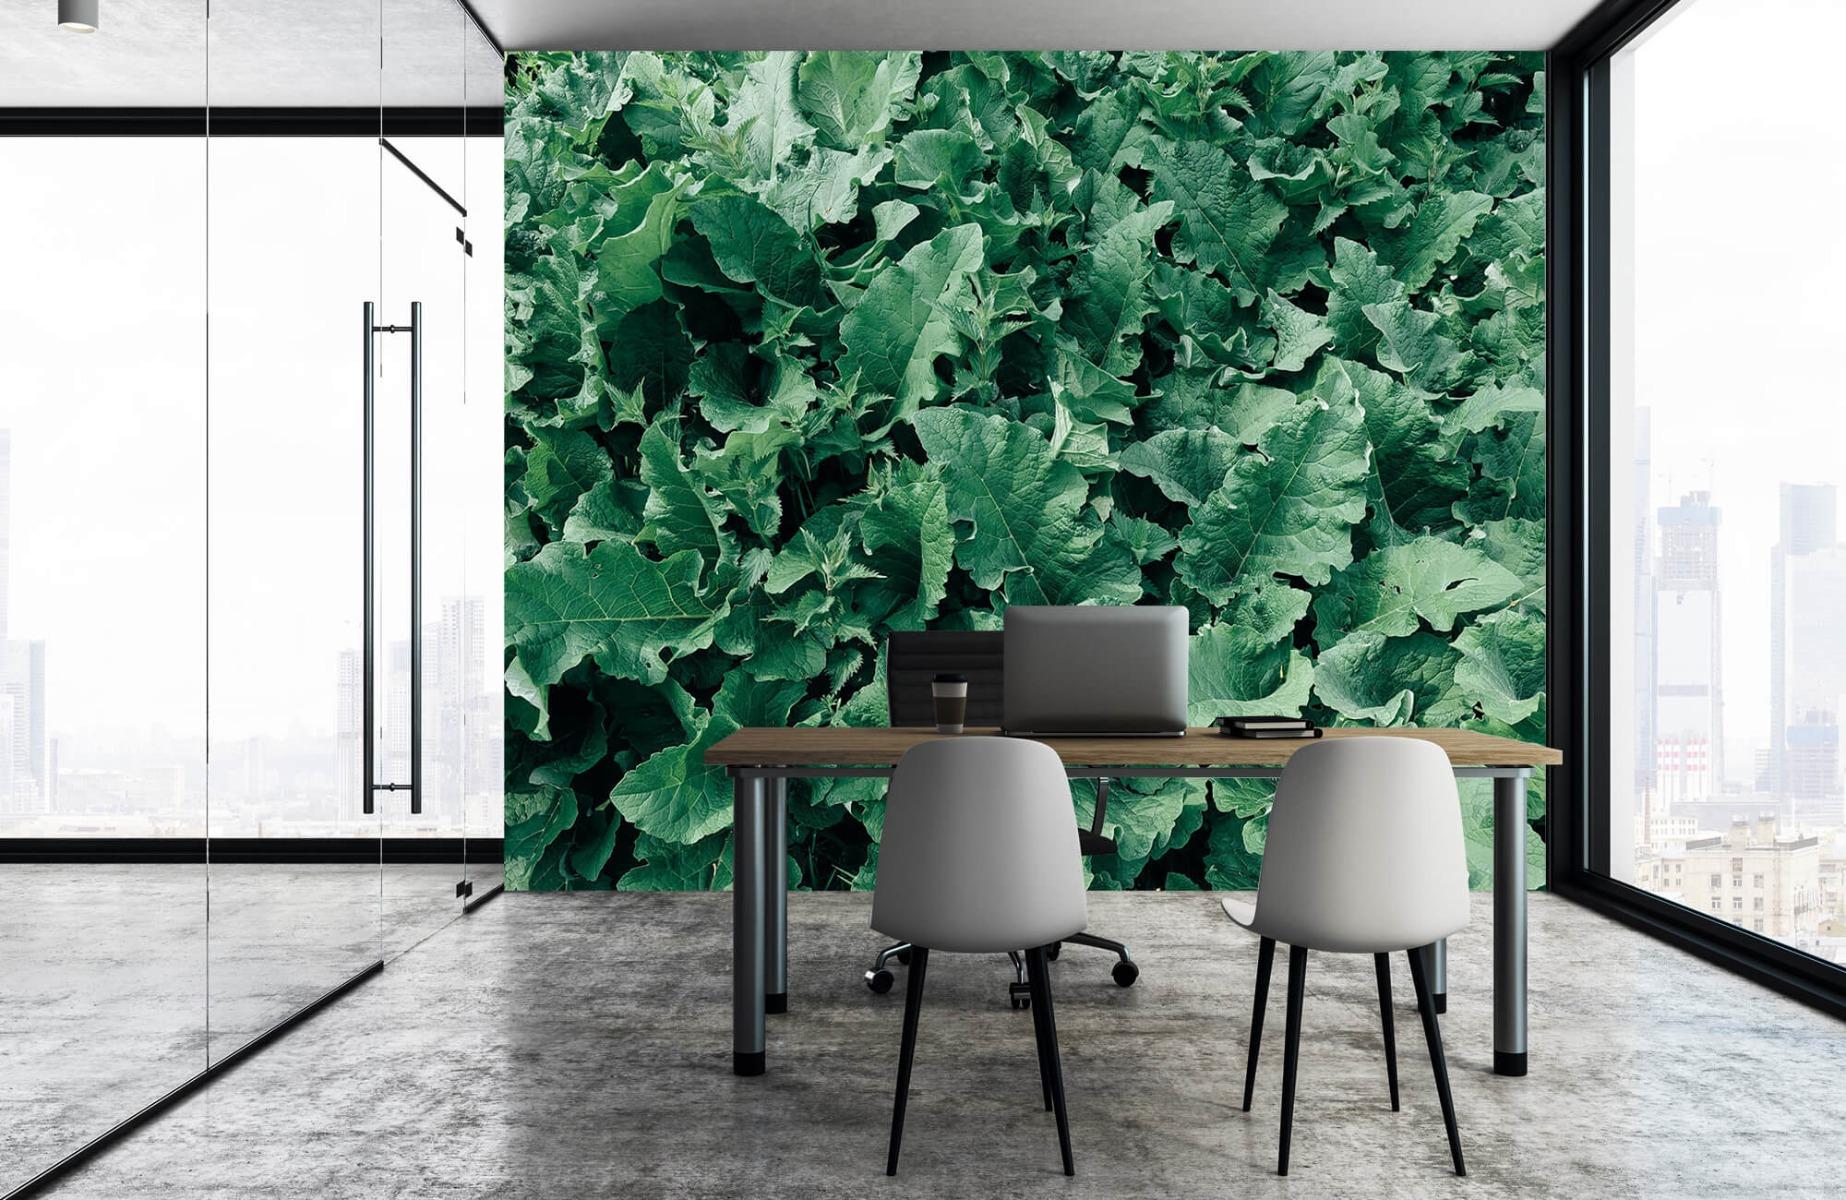 Bladeren - Gedetailleerd groen bladerdek - Wallexclusive - Slaapkamer 4